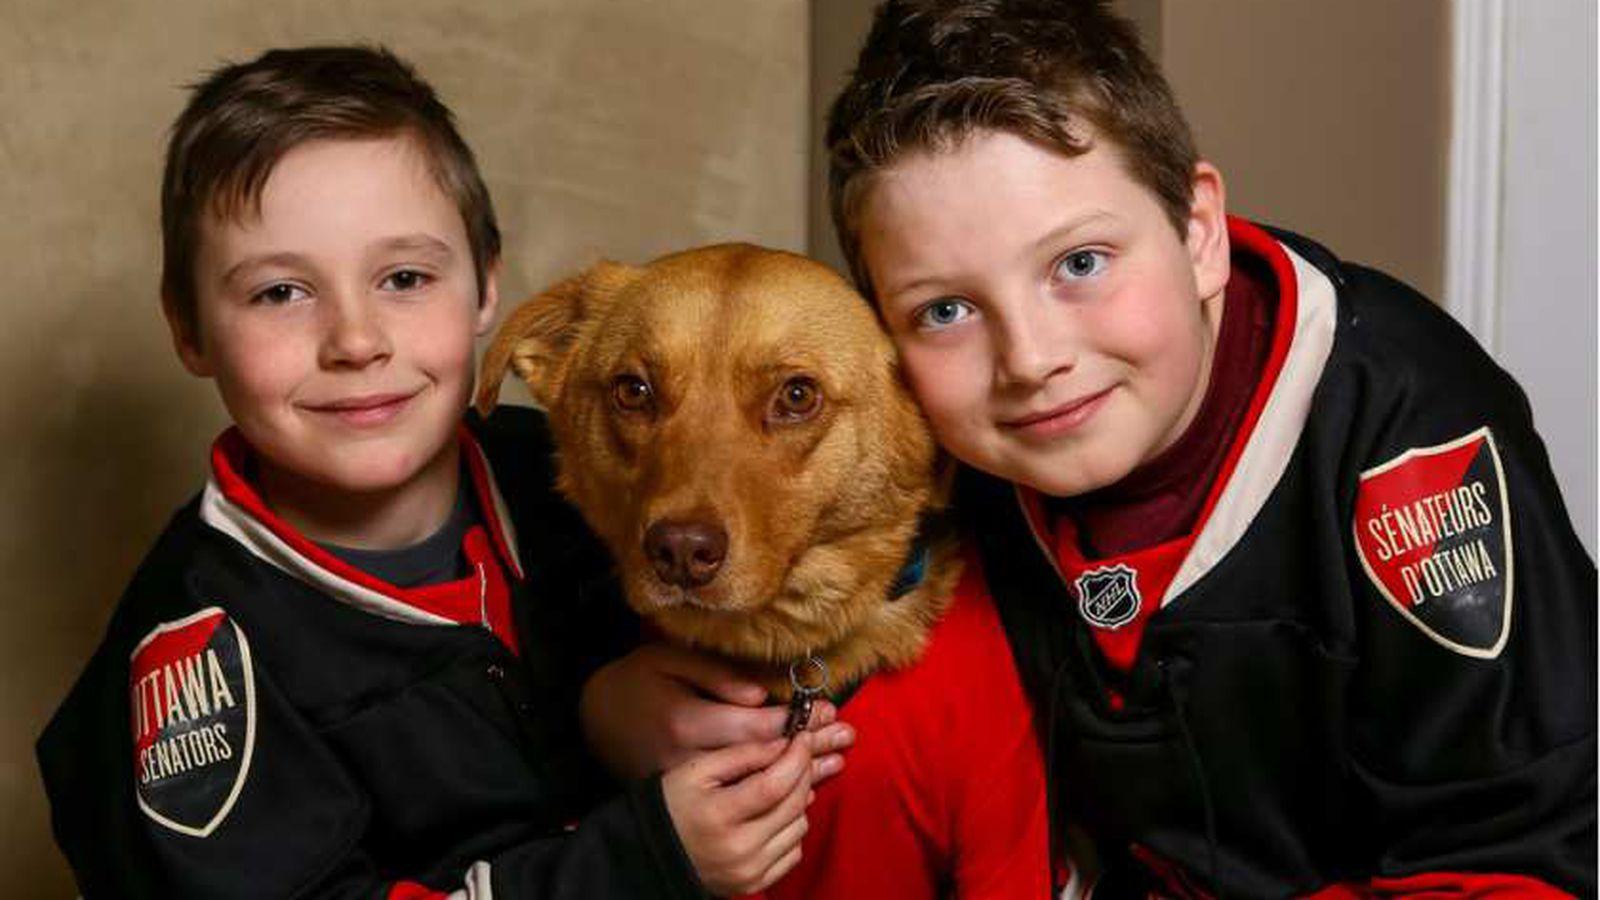 Hockey_dog.0.0